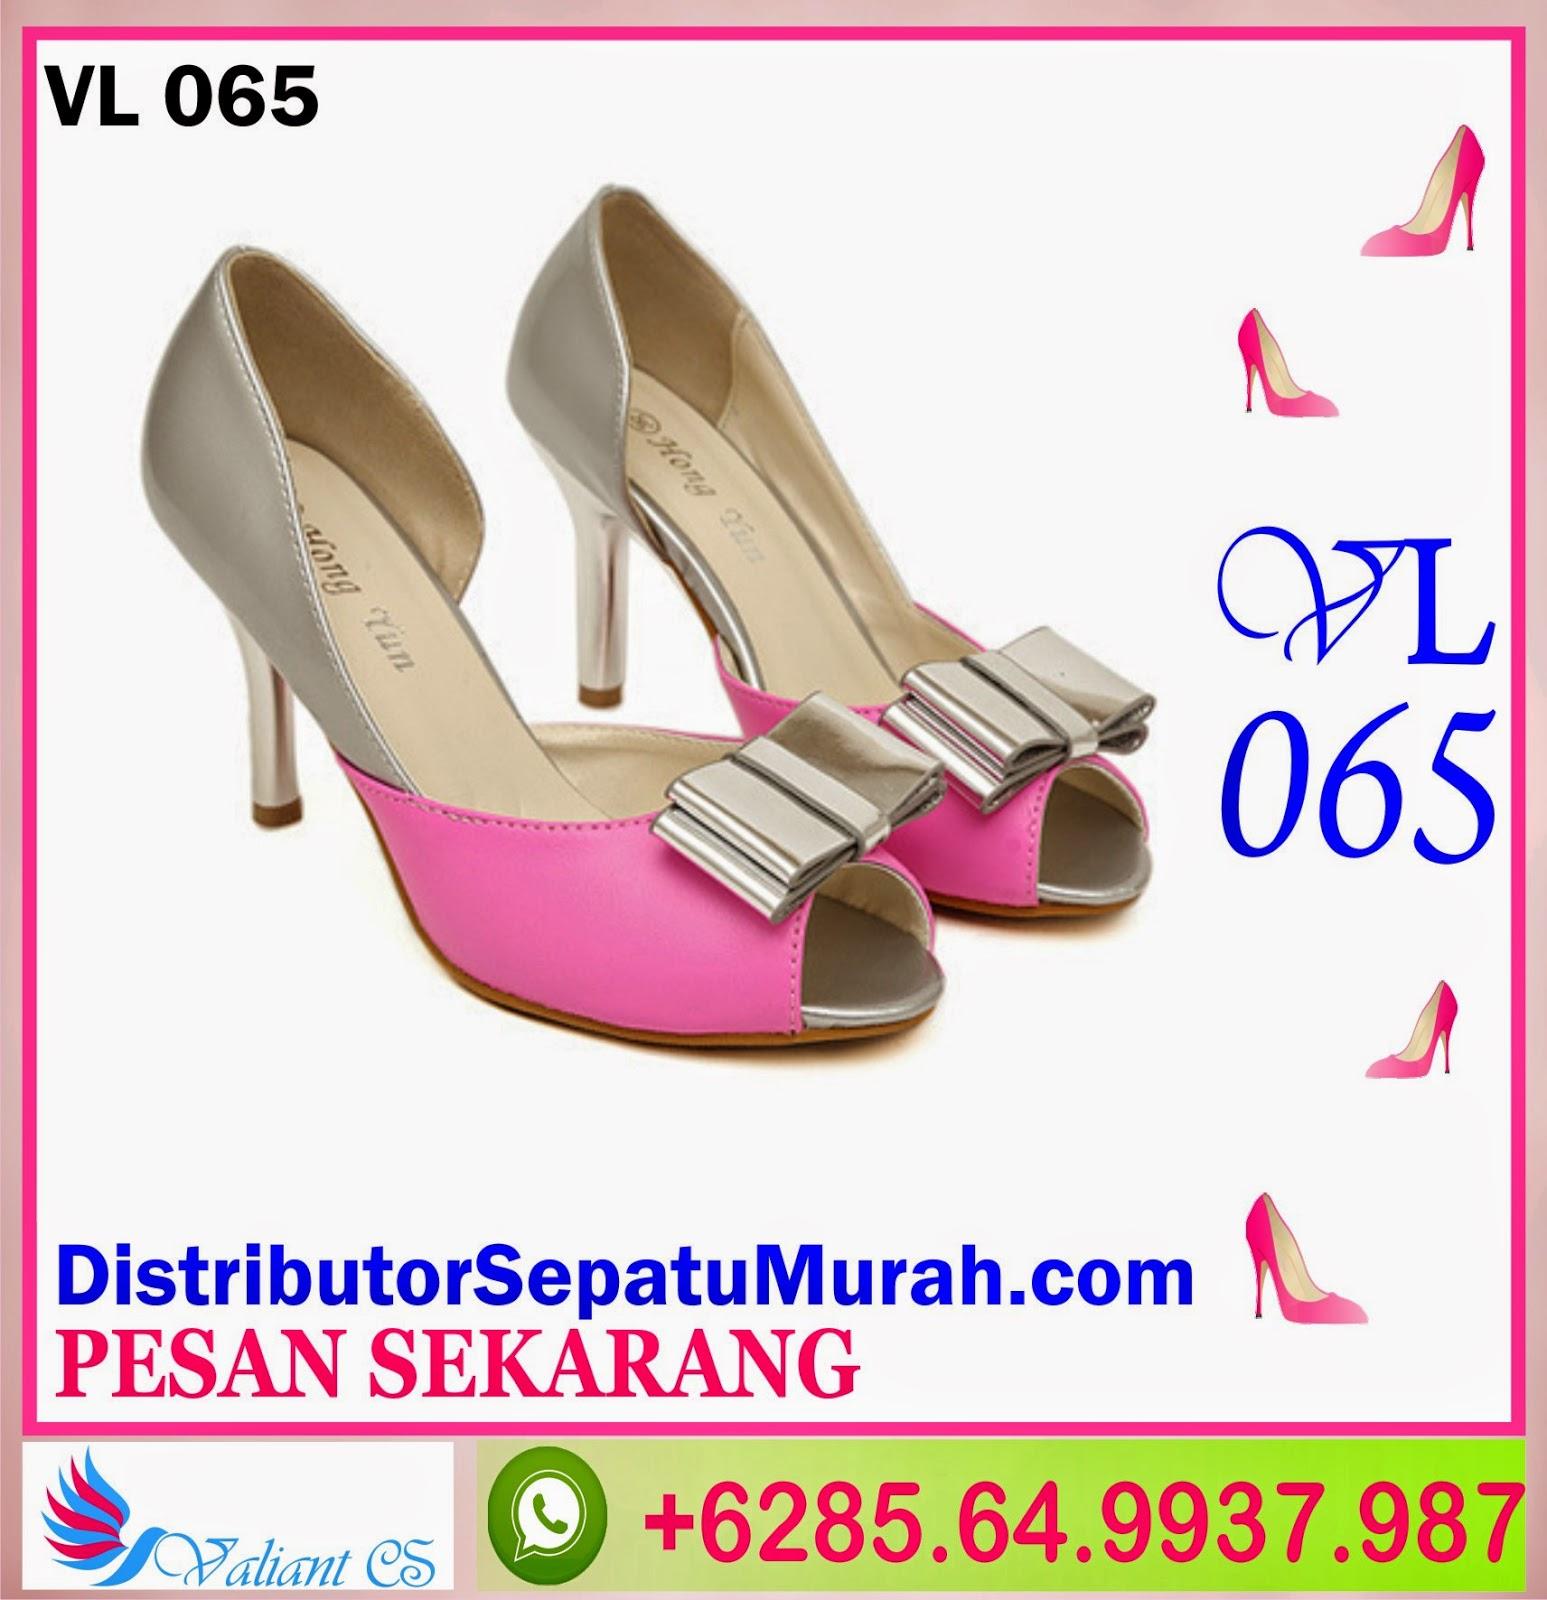 VL065 Sepatu Kantor Untuk Wanita Model Sepatu Kantor Wanita Harga Sepatu 62 8564 993 7987